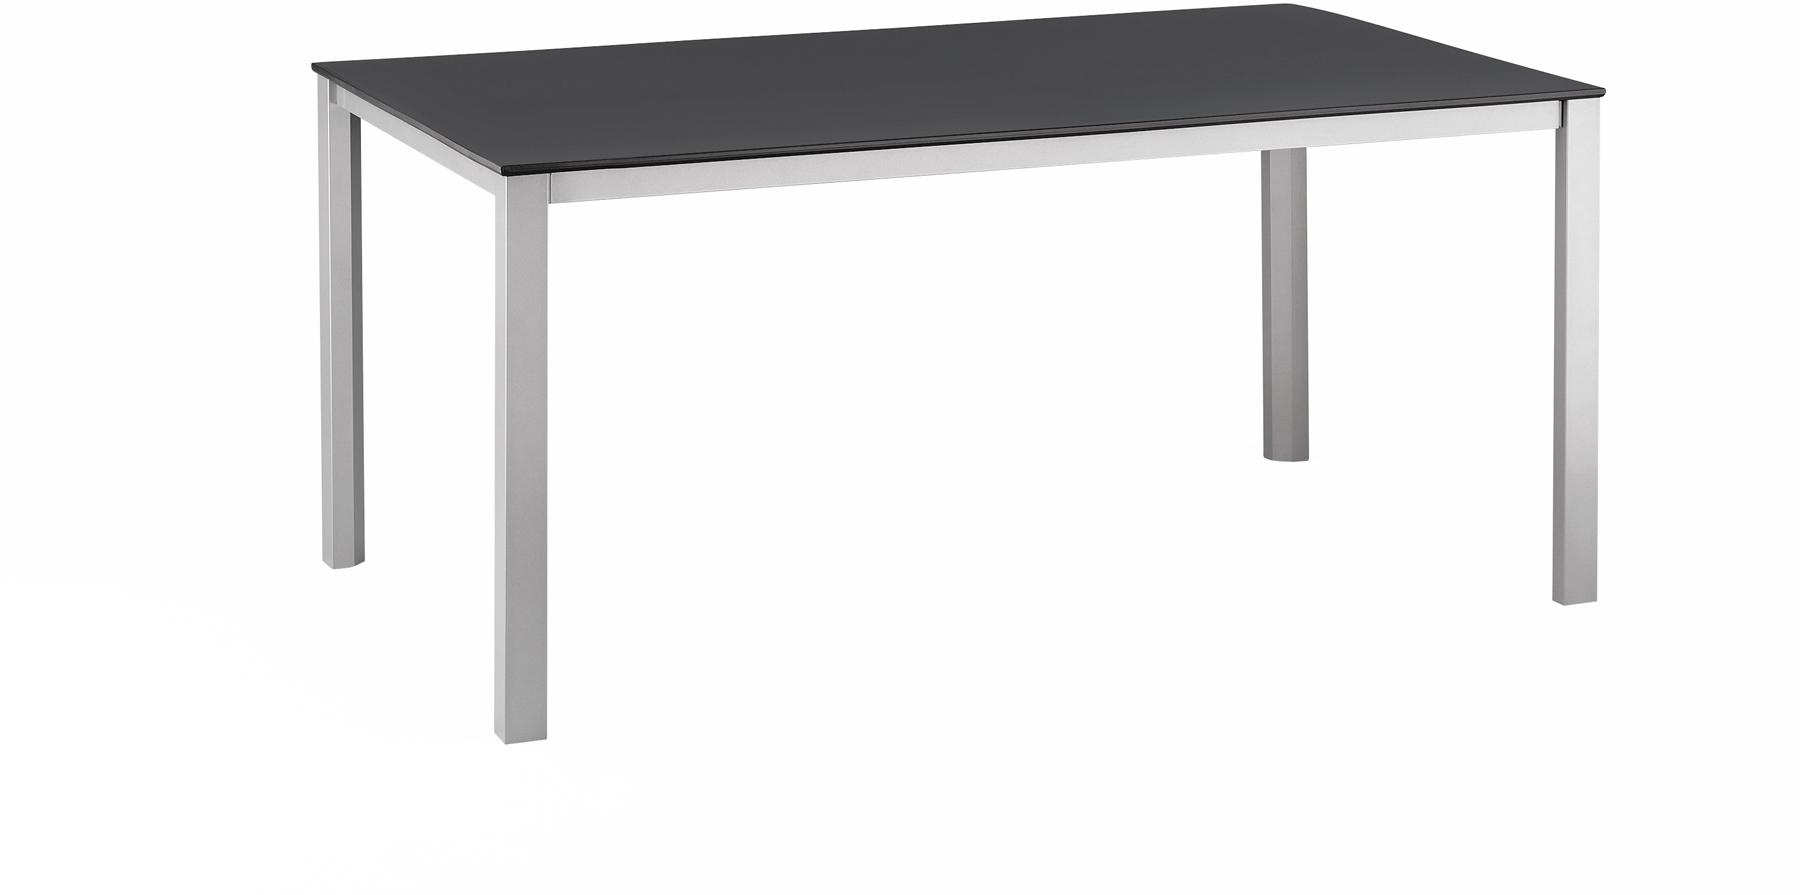 Kettalux Tisch 160 X 95 Cm Silber Anthrazit Gartentische